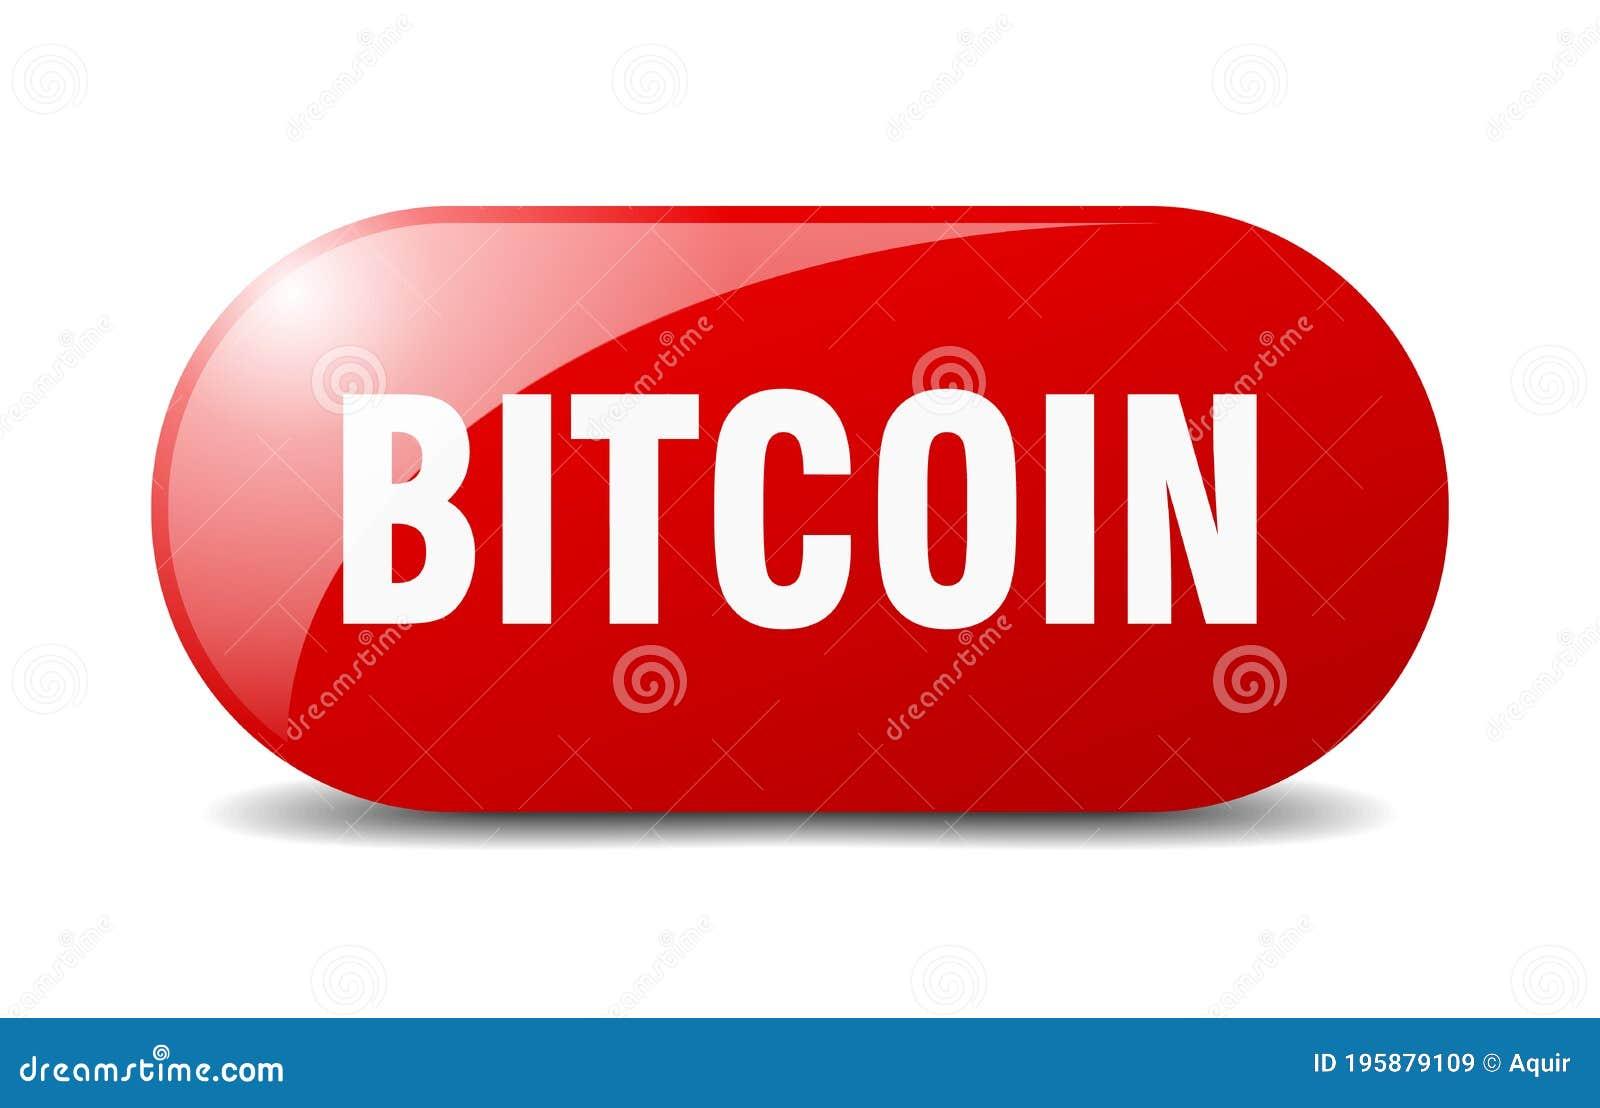 1000000 bitcoin